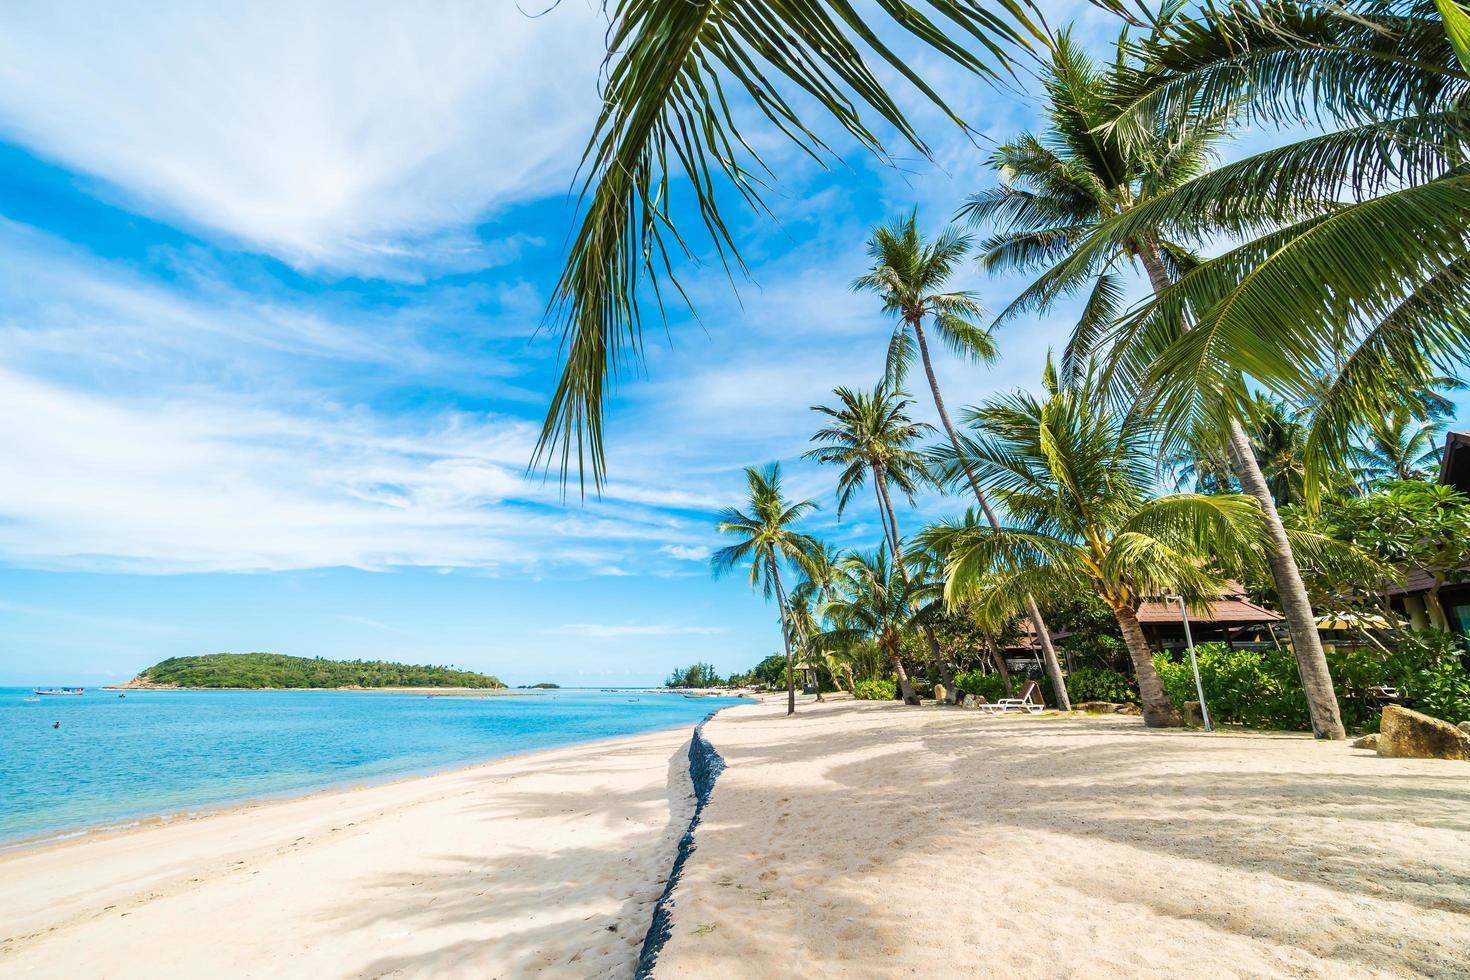 vacker tropisk strand hav och sand med kokospalmer på blå himmel och vitt moln foto